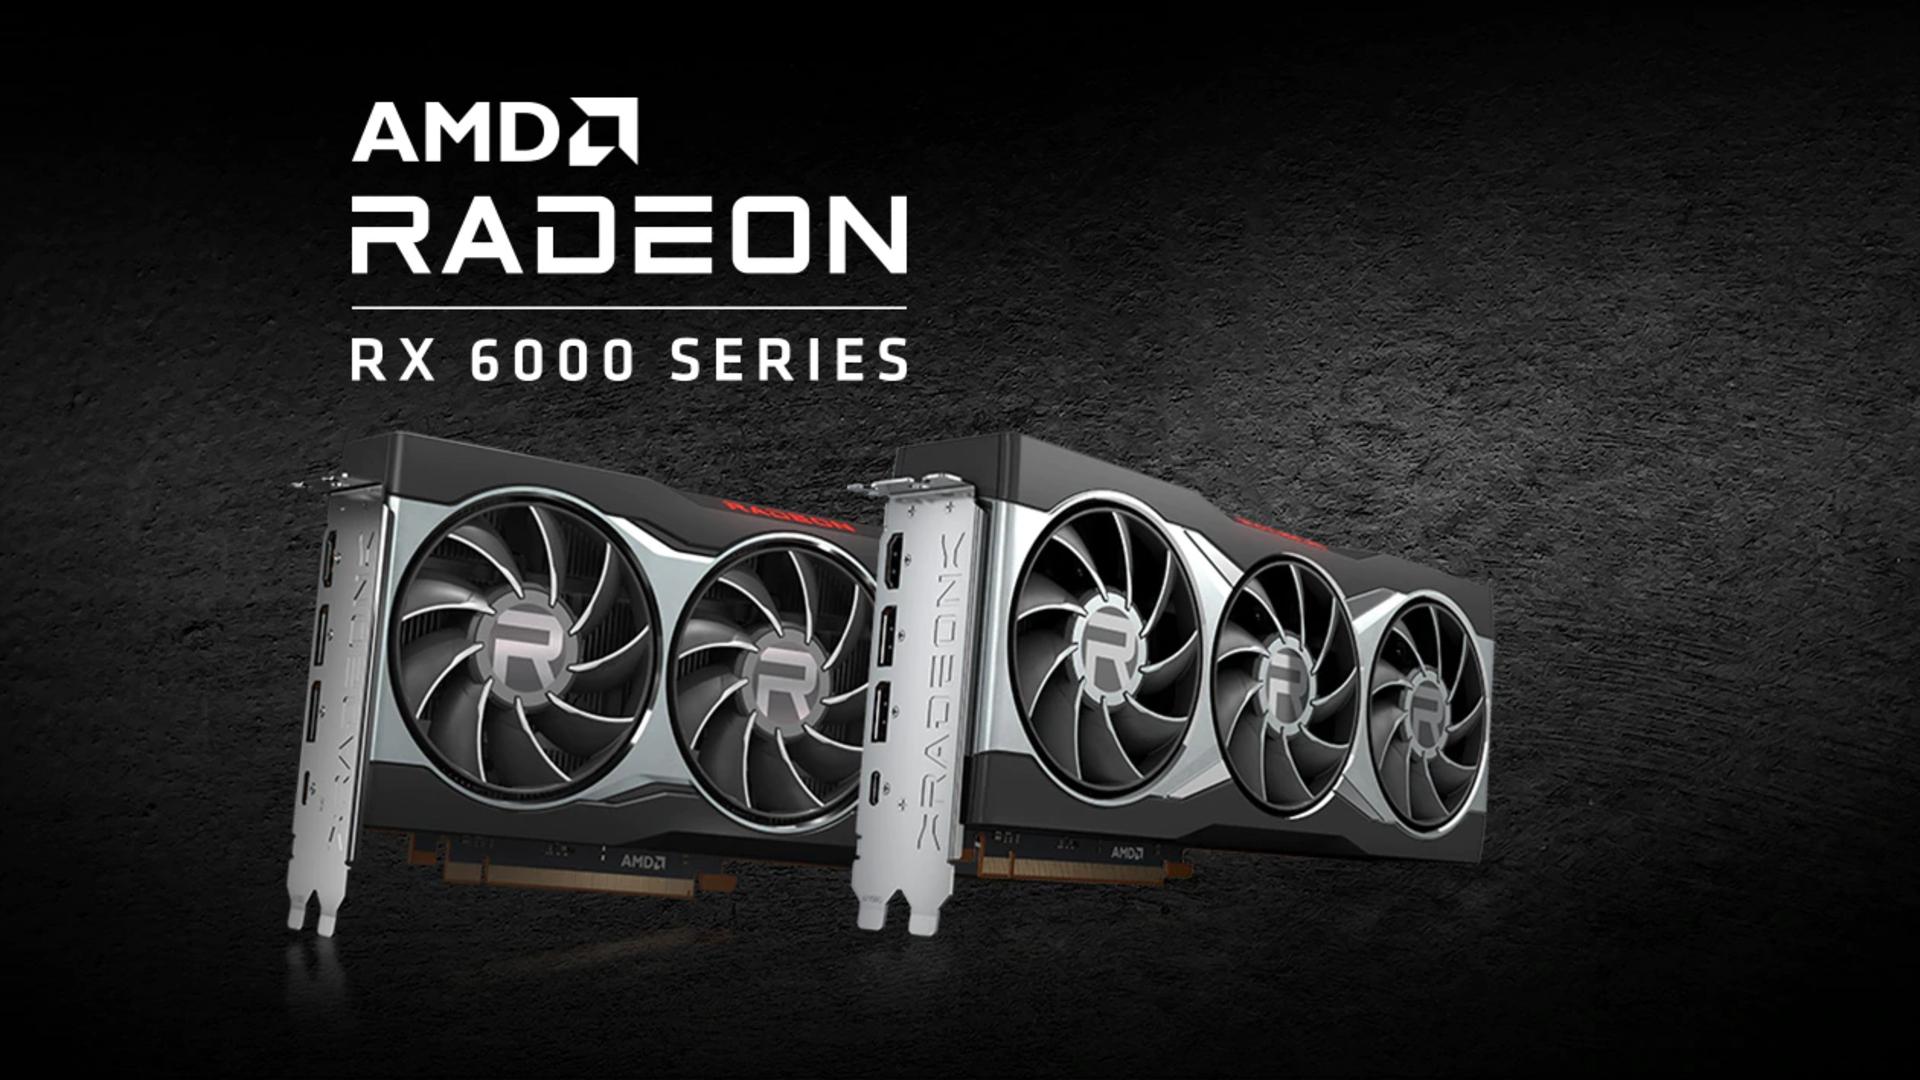 GPU dòng AMD Radeon RX 6000 trên nền xám